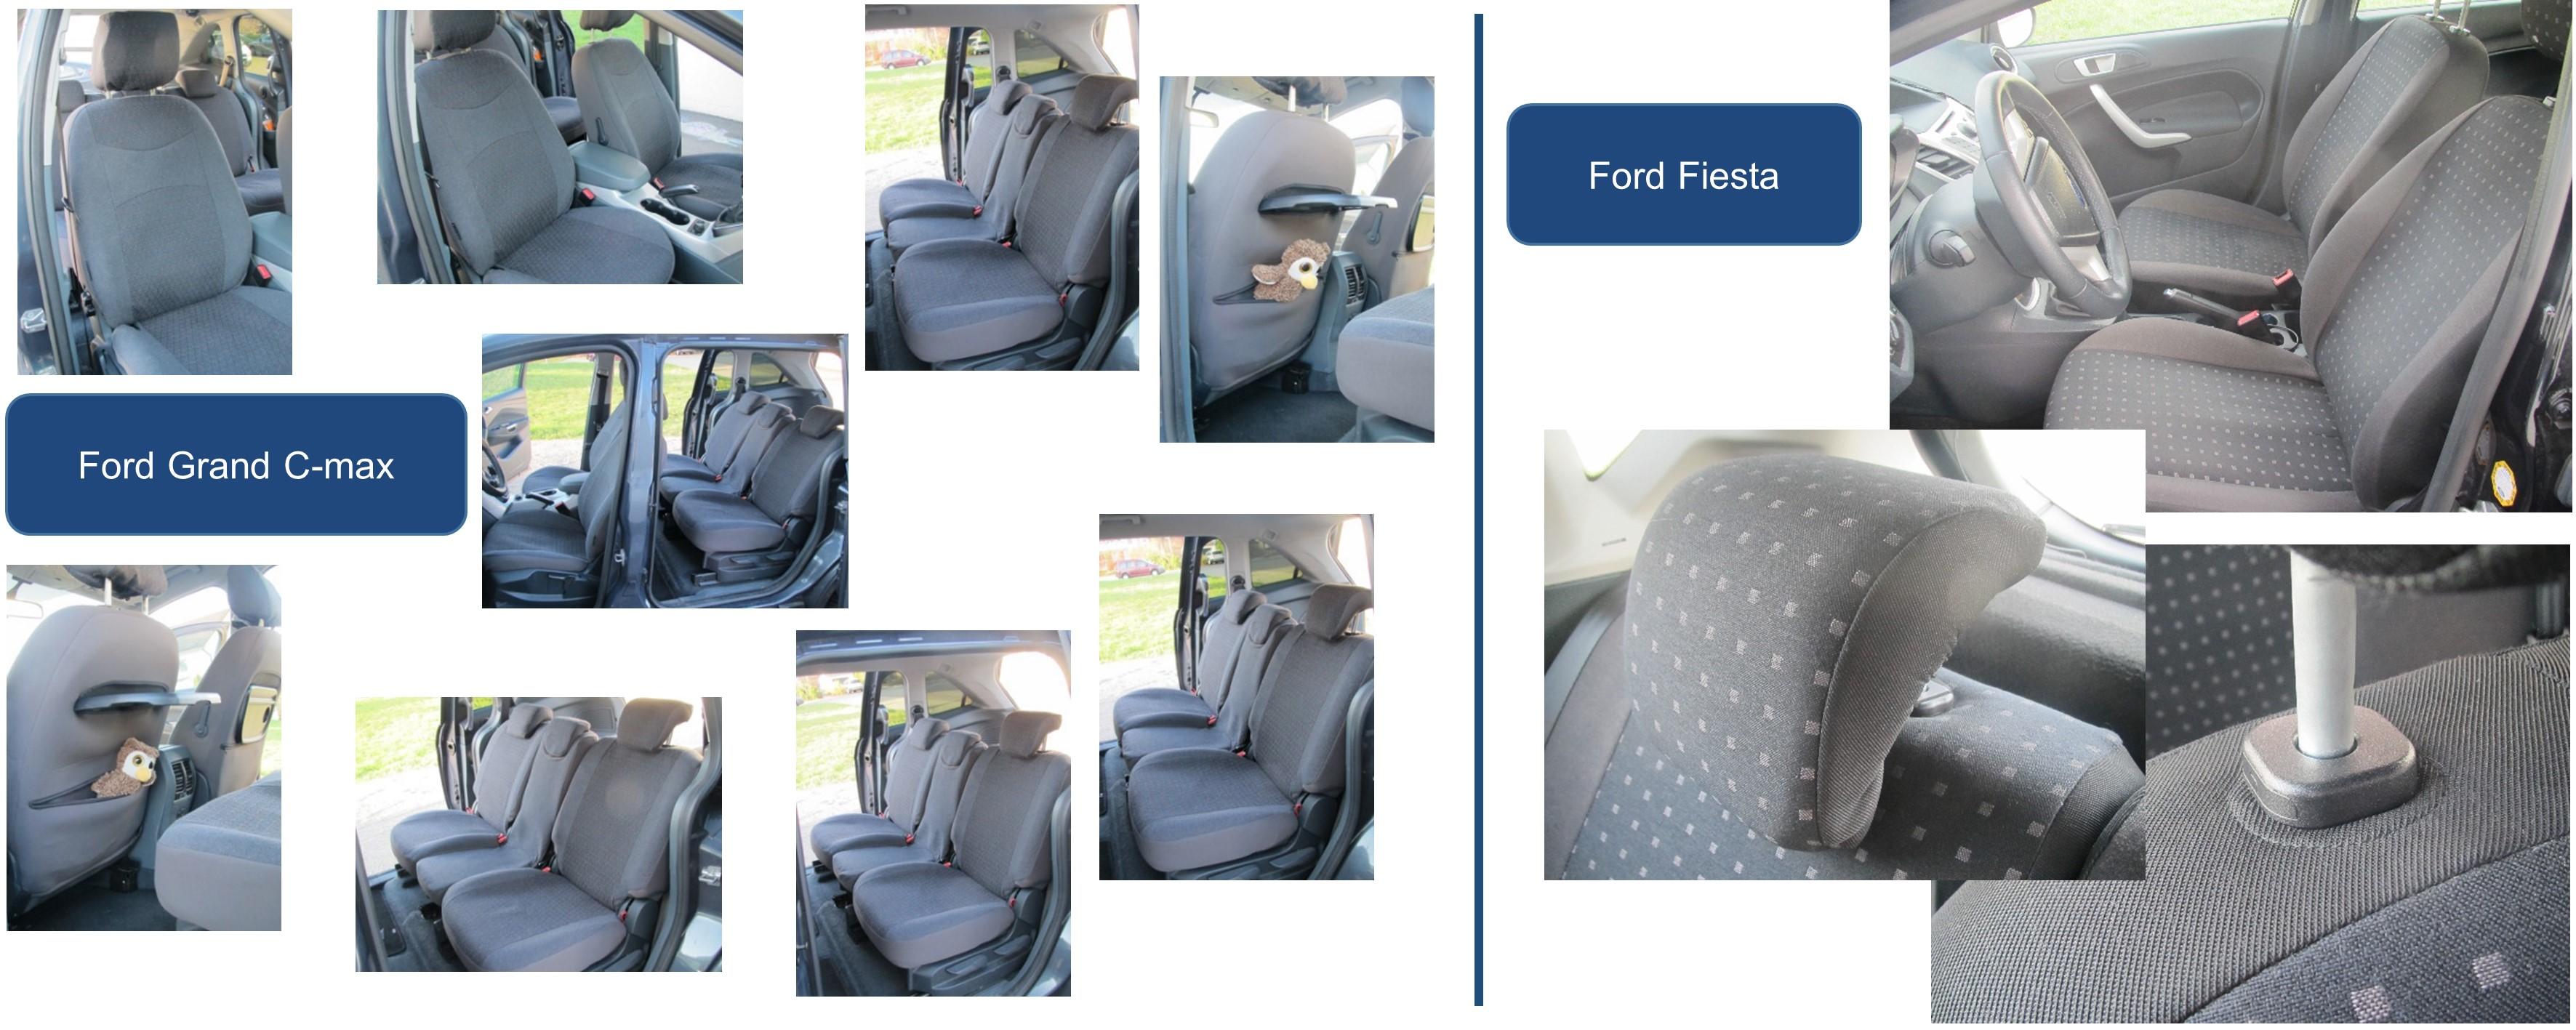 Folie_4 - Bilder C-Max+Fiesta